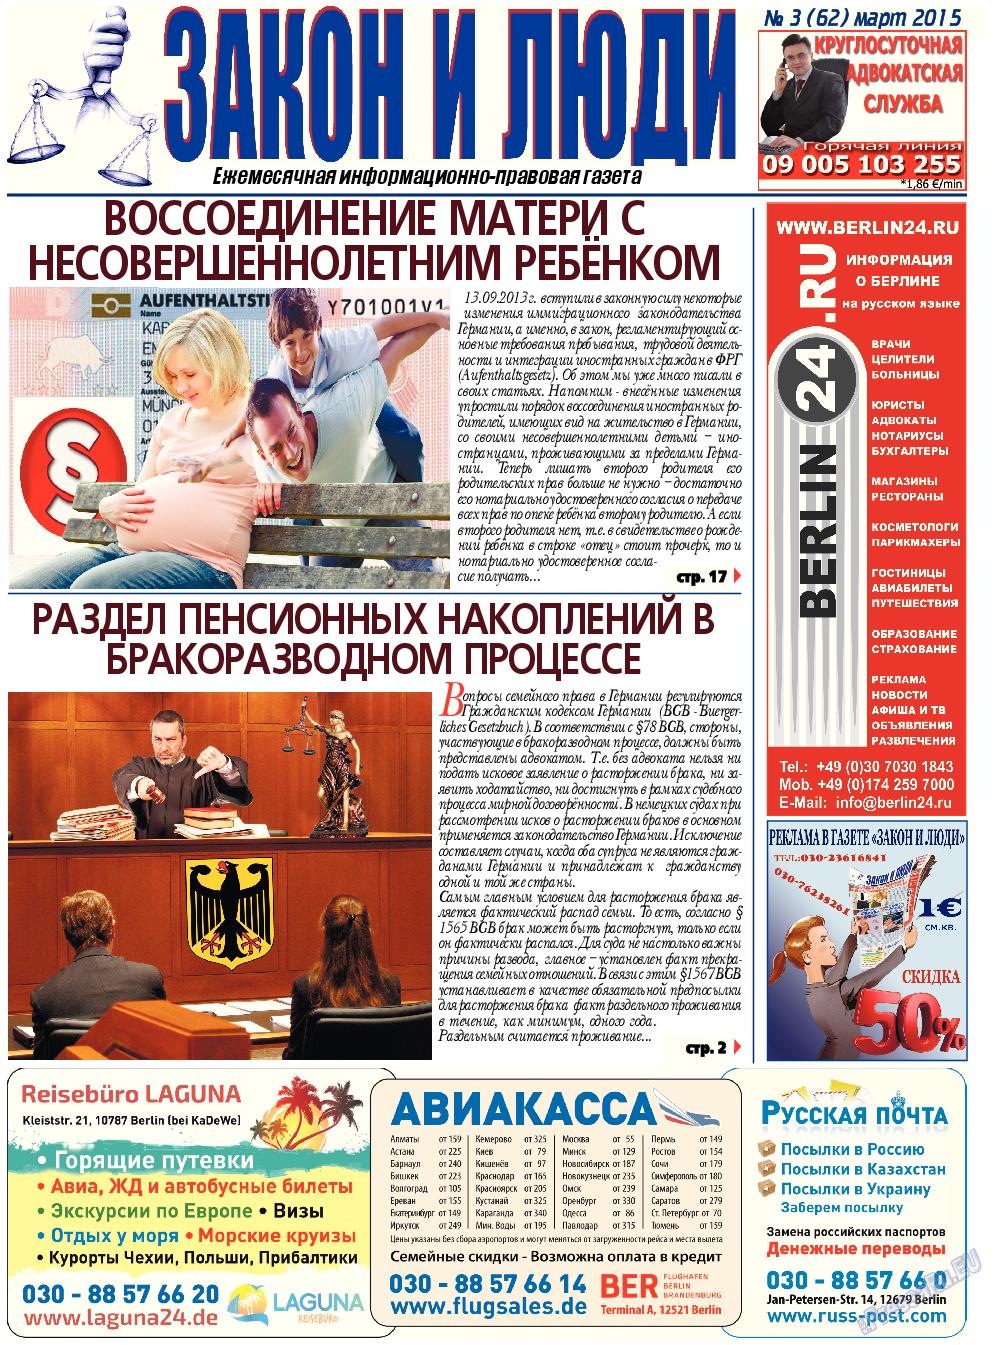 Закон и люди (газета). 2015 год, номер 3, стр. 1